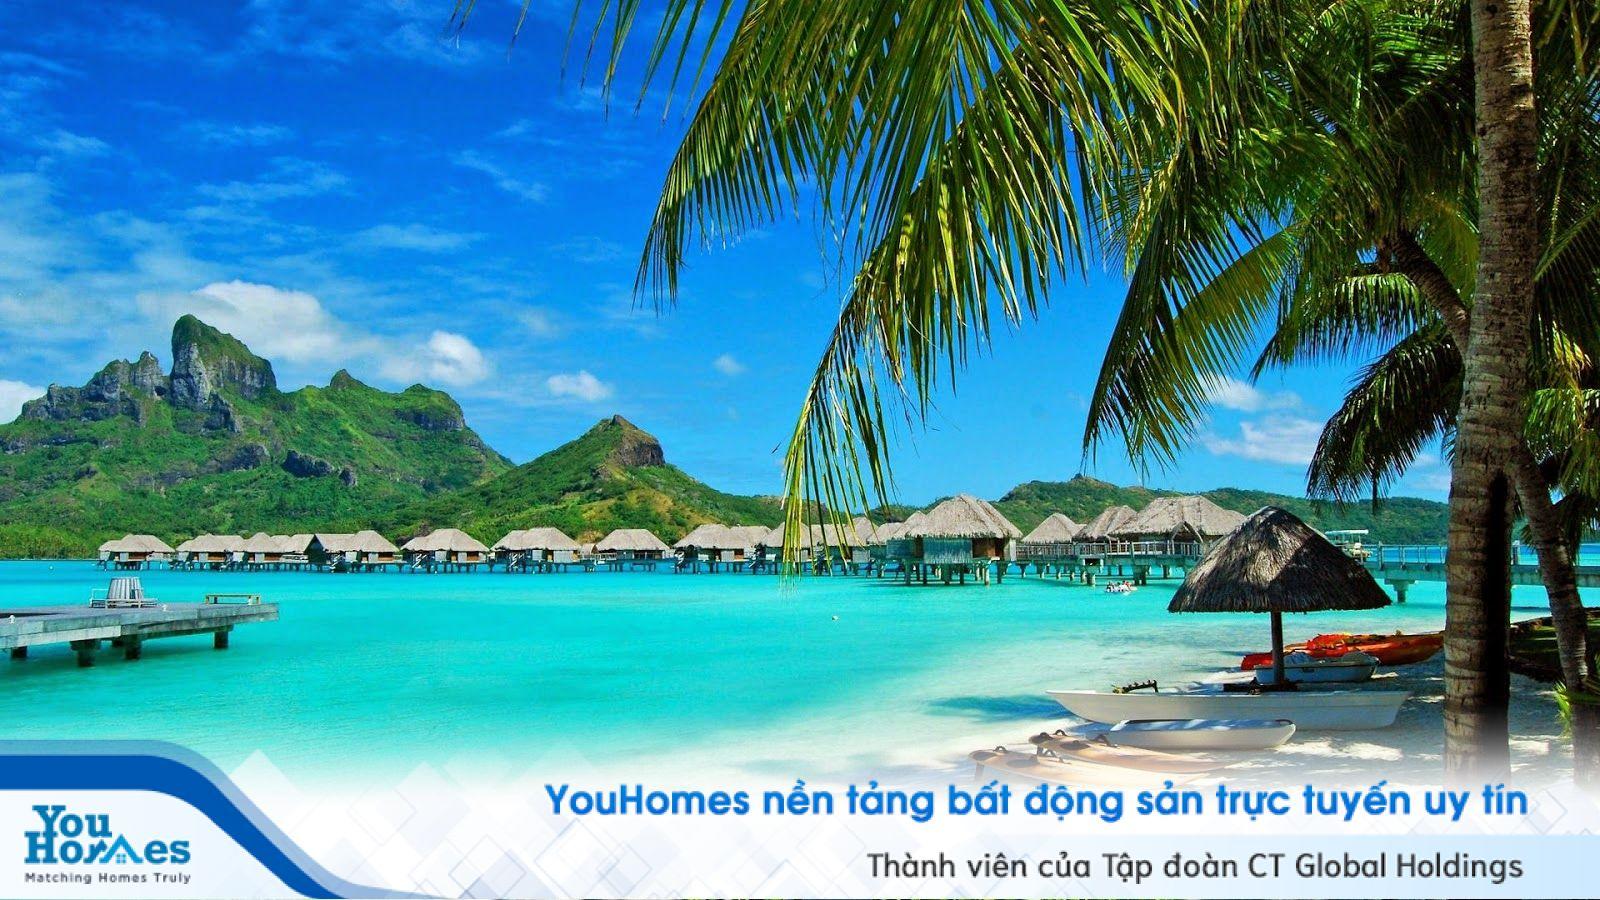 Phú Quốc - Trung tâm du lịch biển mang tầm Quốc tế